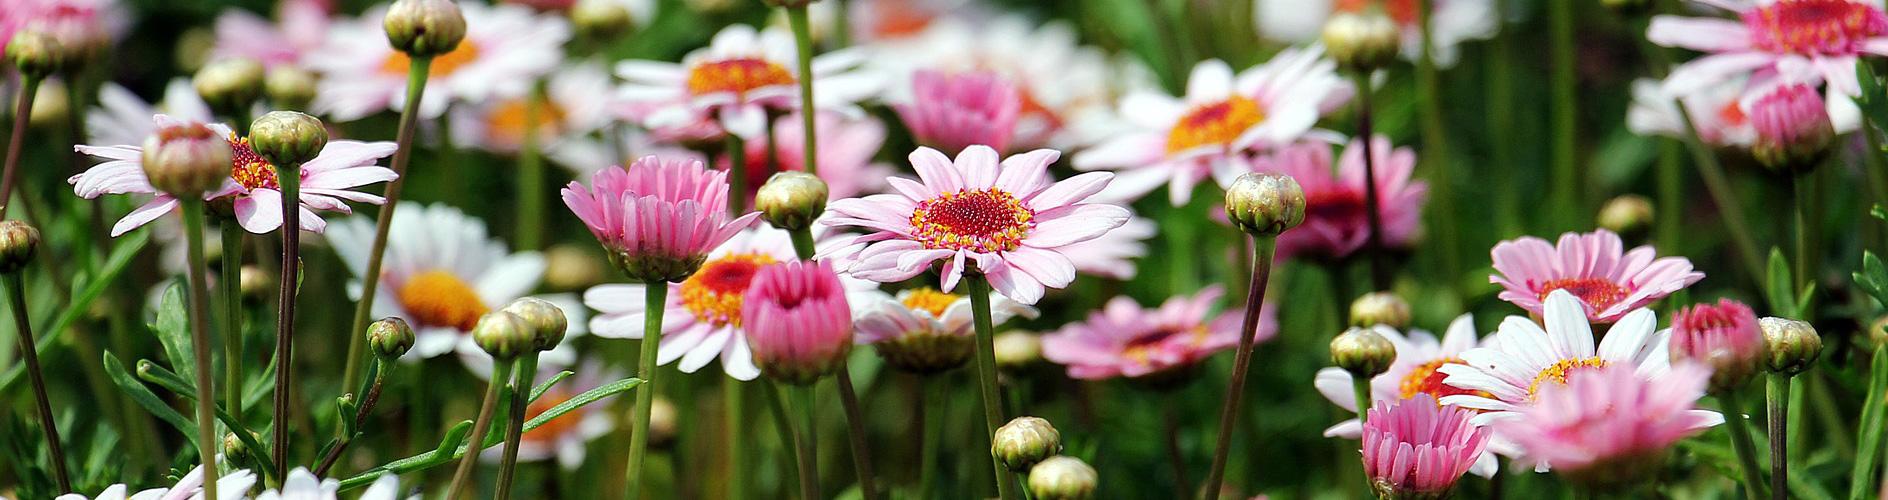 Rencontres échange de Plantes vivaces, de bons conseils de jardiniers et de sourires autour d'un café-gâteau à la maison des jeunes et de la culture